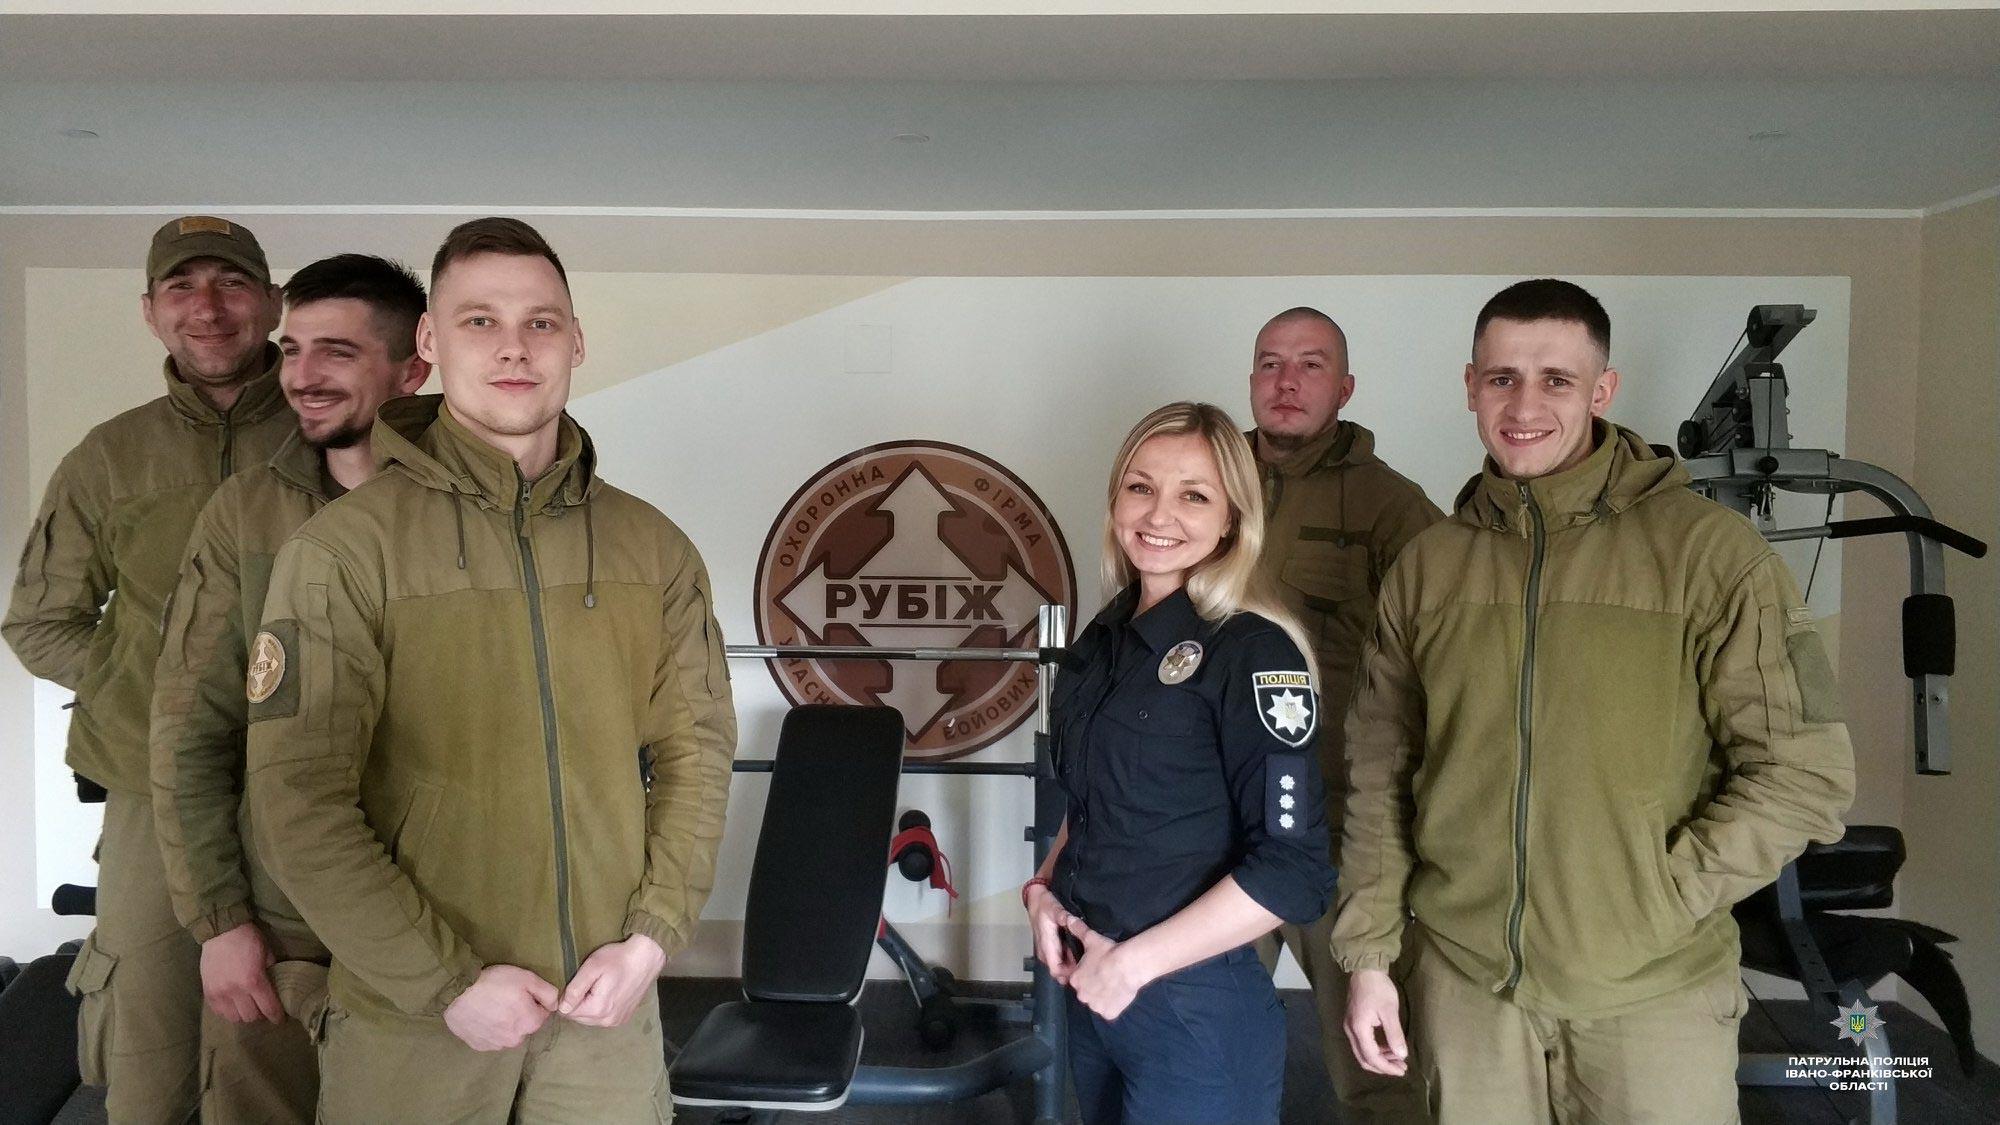 Шкільні офіцери поліції та учасники АТО спільно дбатимуть про безпеку у школах (ФОТО)